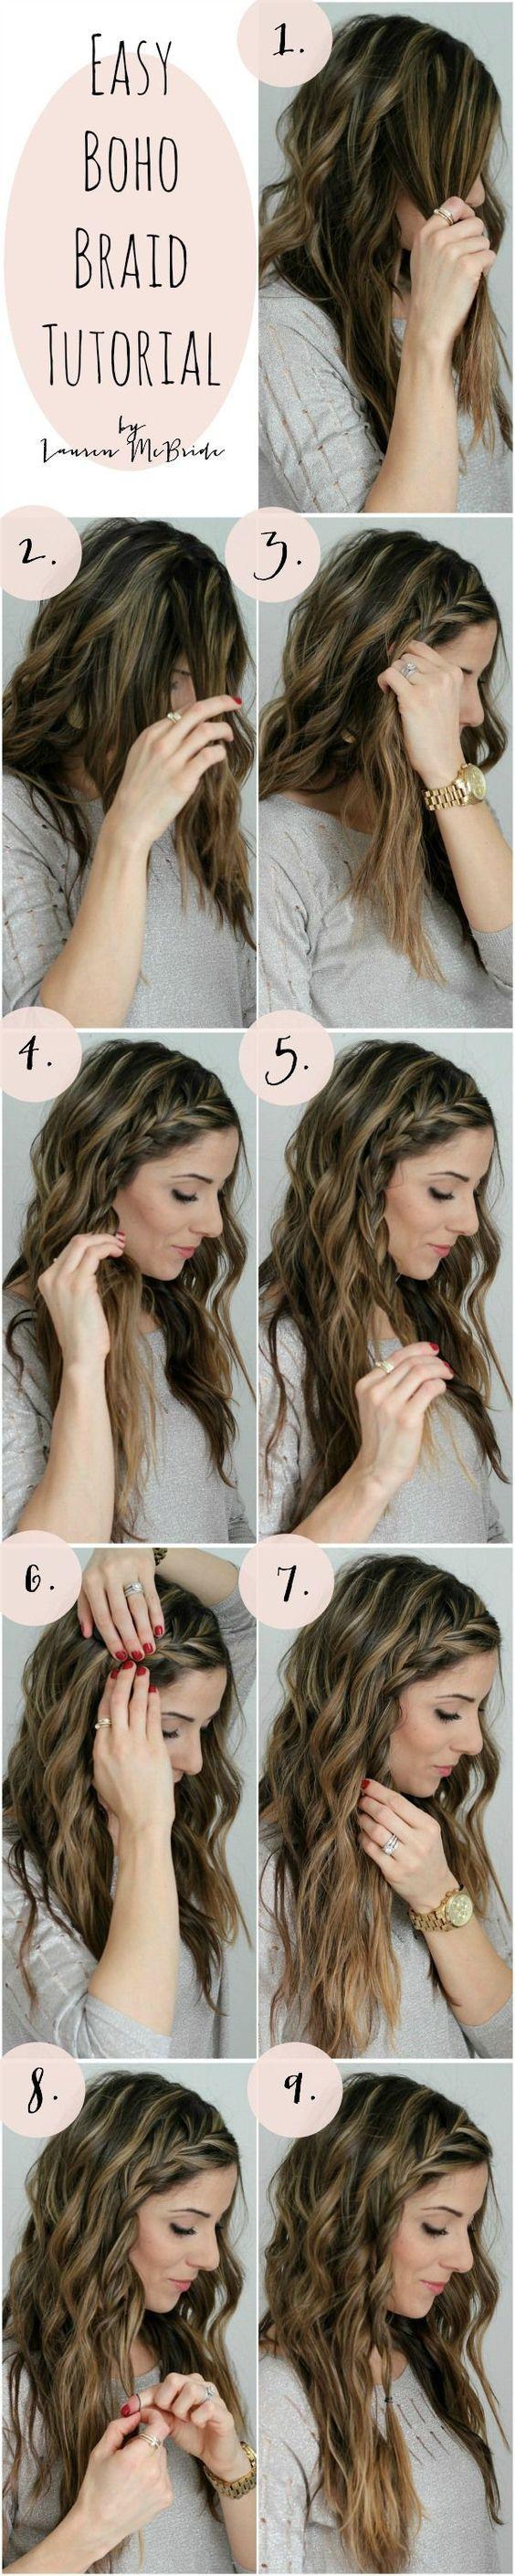 Easy boho braid